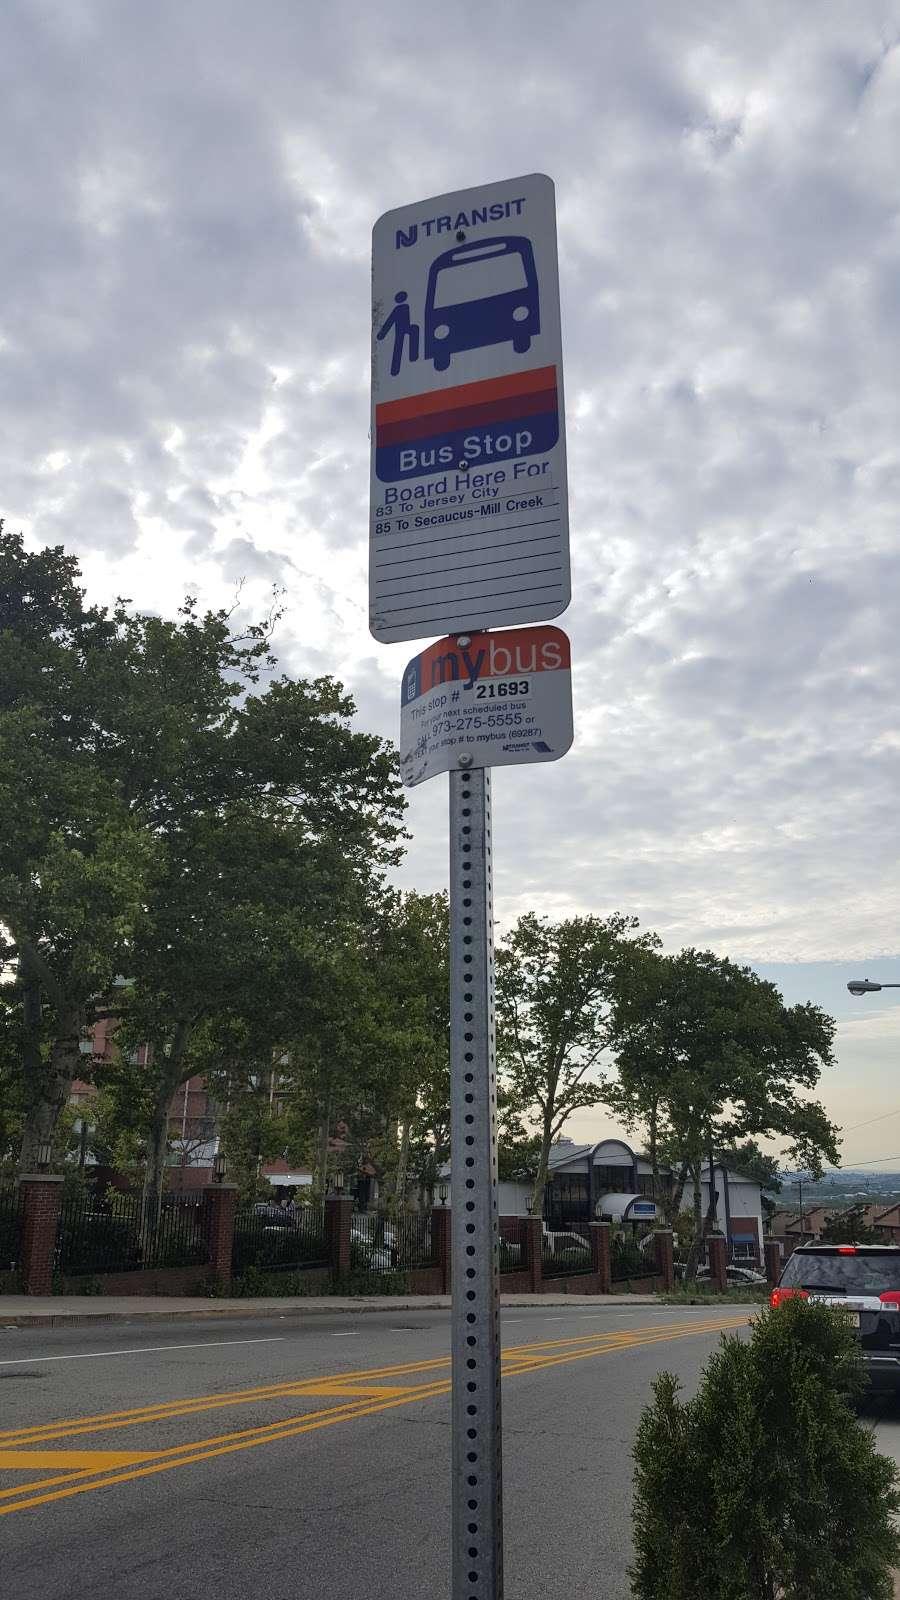 Bergen Tpk at J.F. Kennedy Blvd - bus station  | Photo 2 of 3 | Address: Union City, NJ 07087, USA